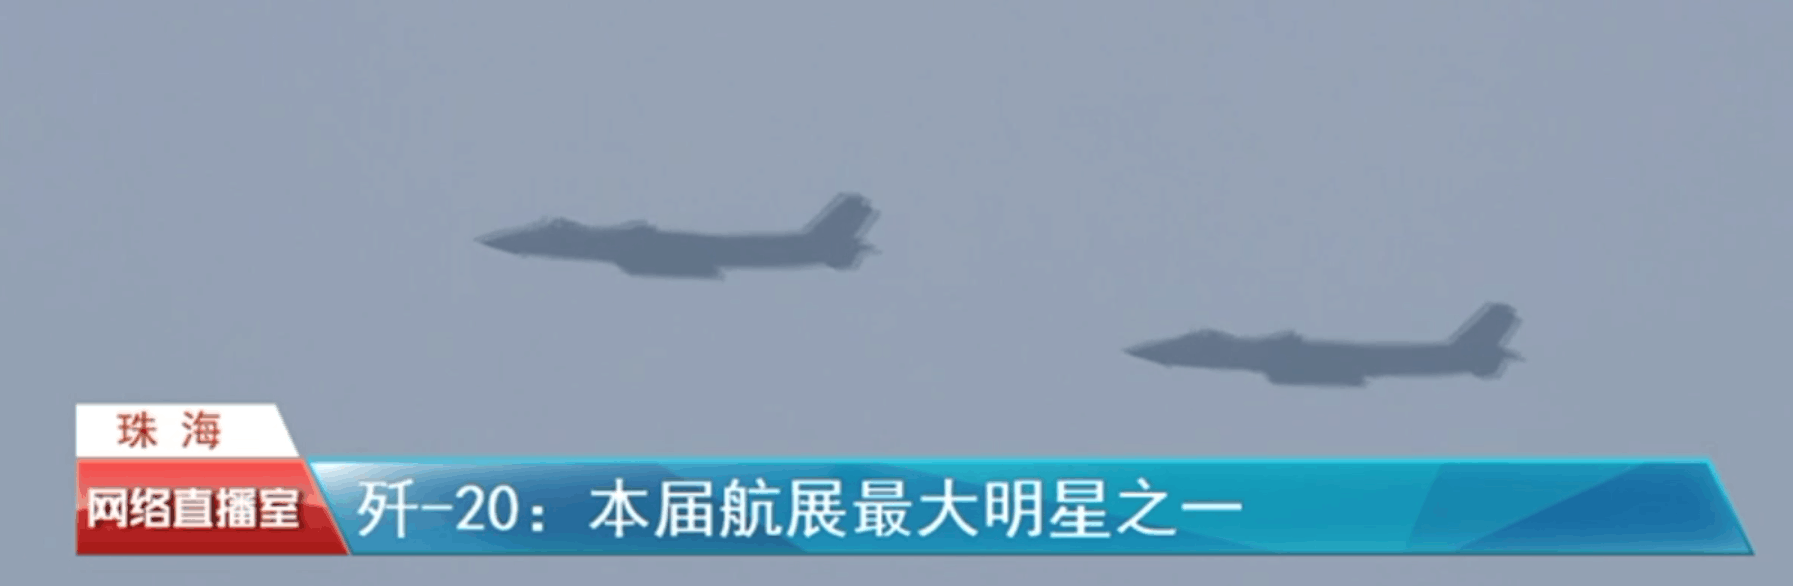 佛山梁园平面图歼-20四机亮相珠海航展 首次公开展示内载弹药能力